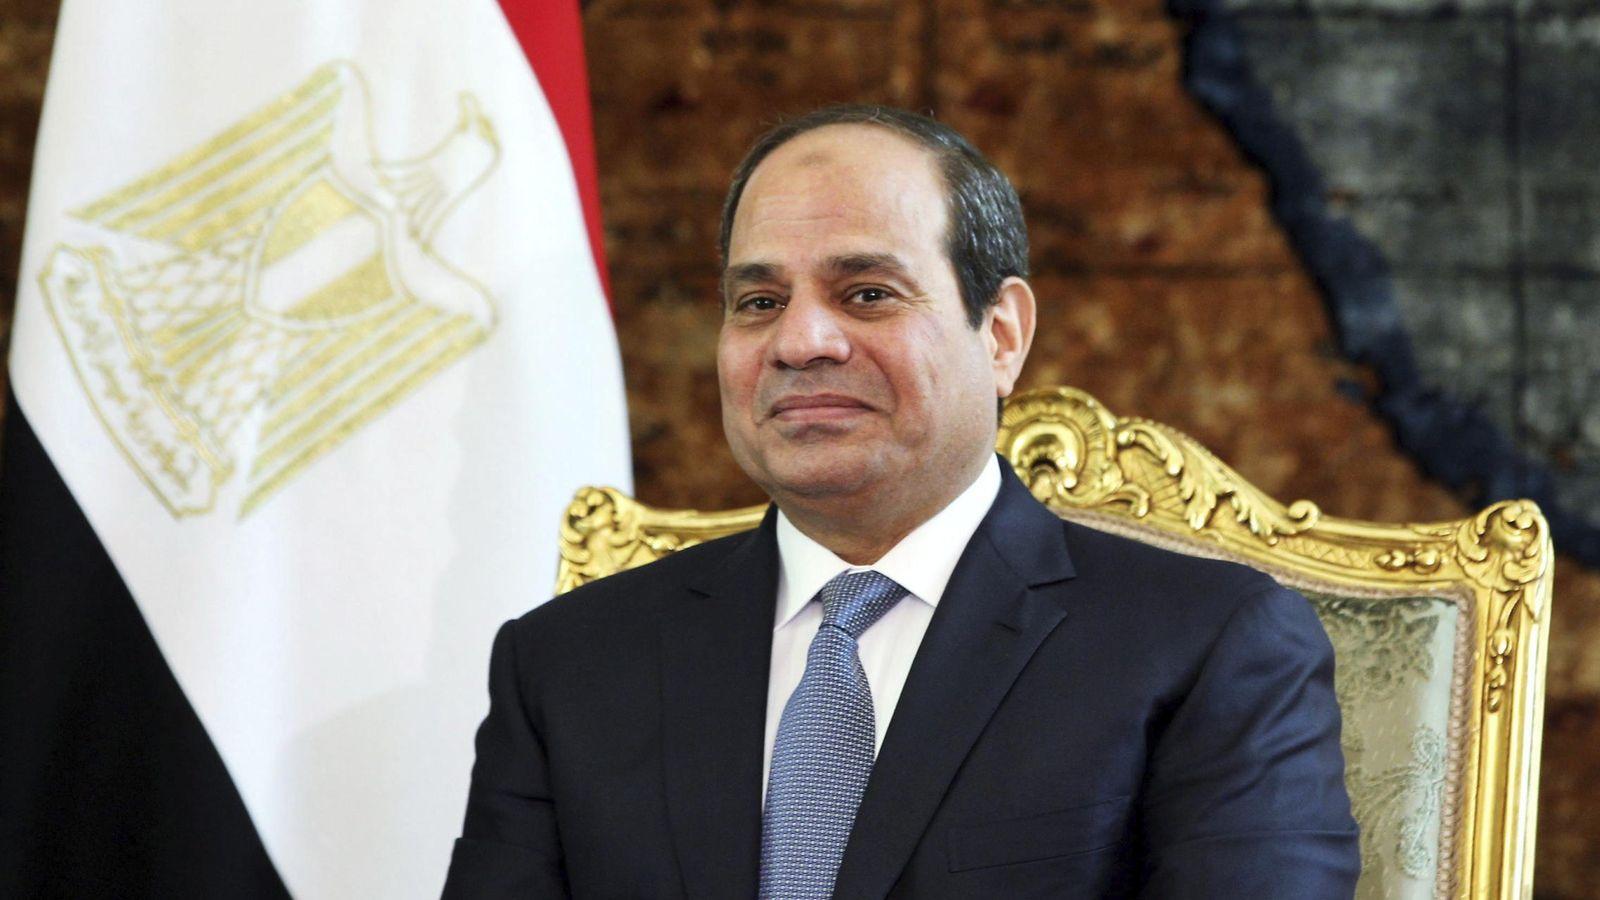 Foto: Abdelfatah al Sisi, presidente de Egipto, está de visita en España (EFE)